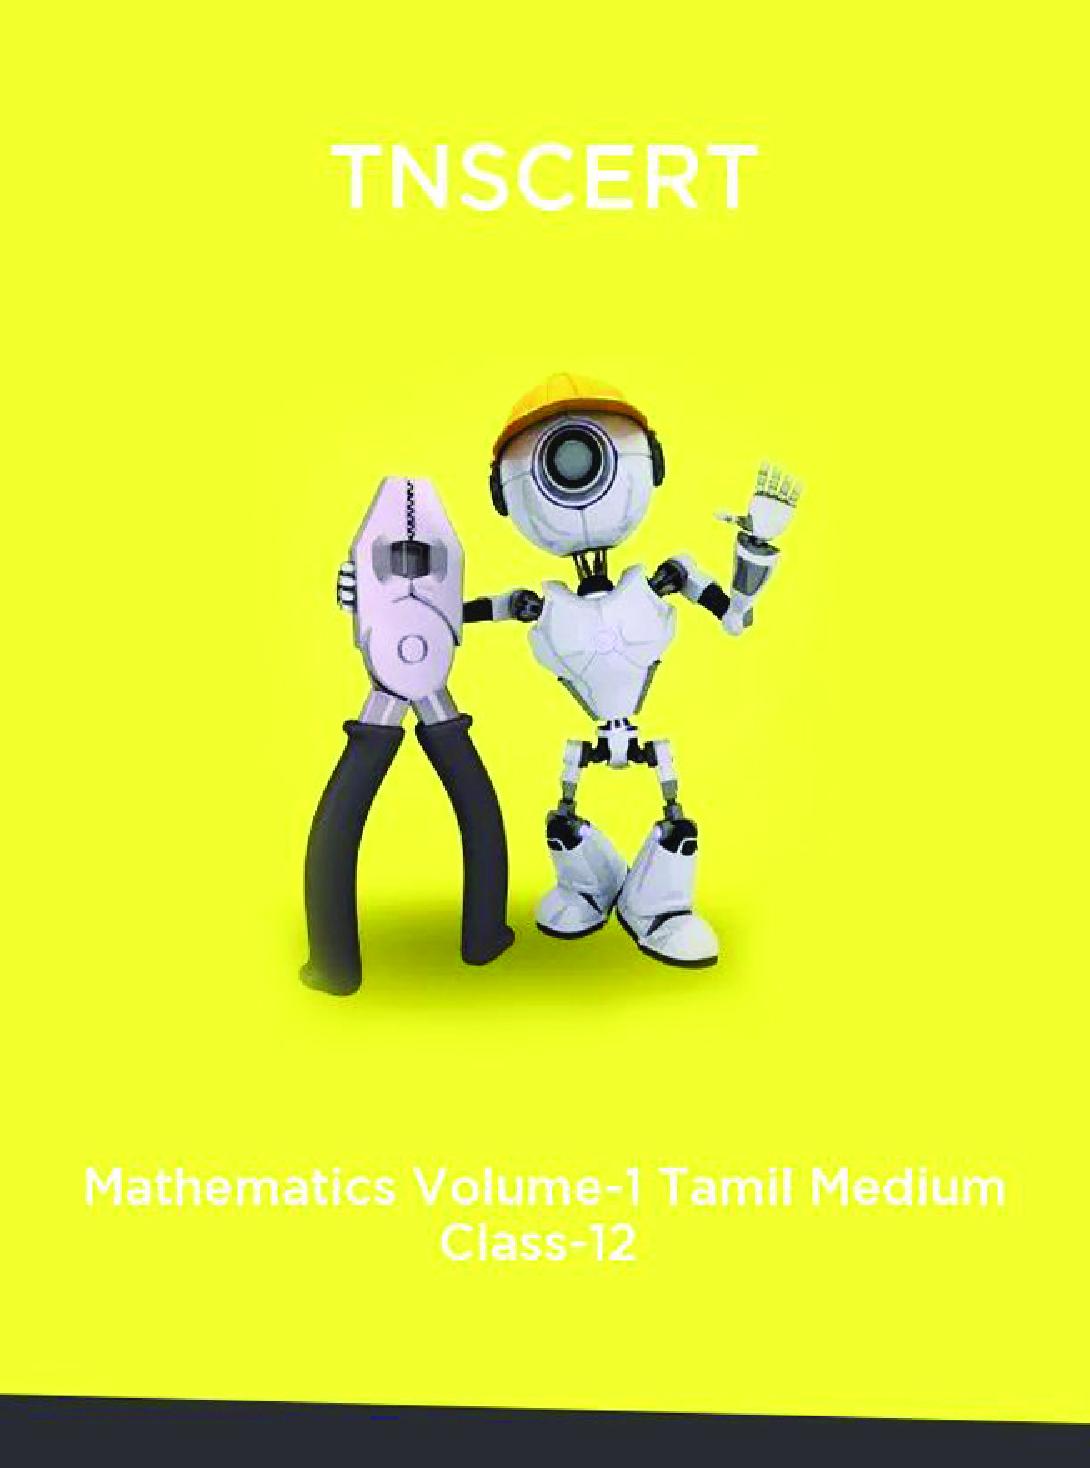 TNSCERT Mathematics Volume-1 Tamil Medium Class-12 - Page 1